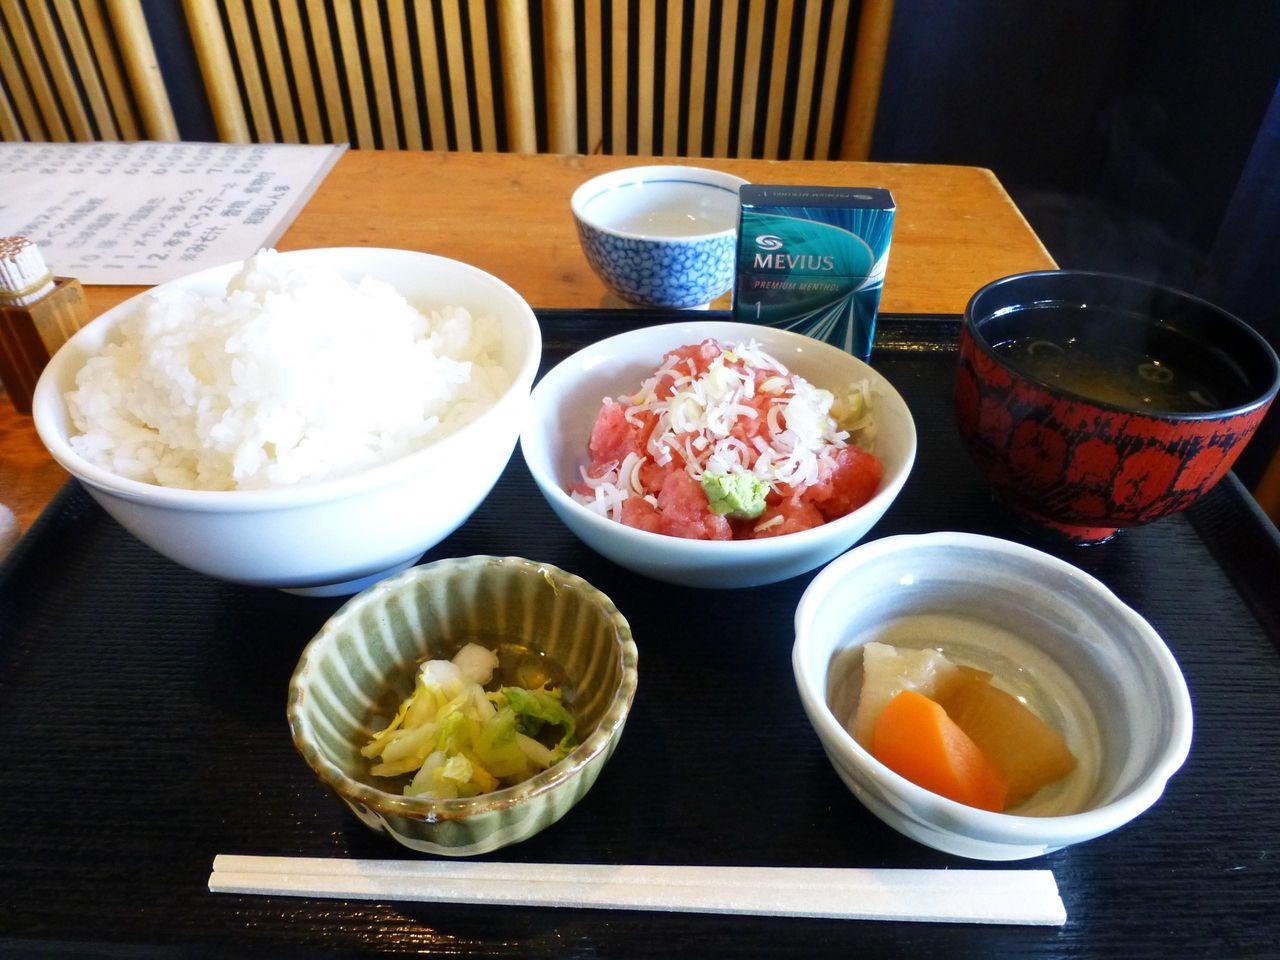 ネギトロ丼大盛600円は、ご飯とネギトロが別皿で登場!